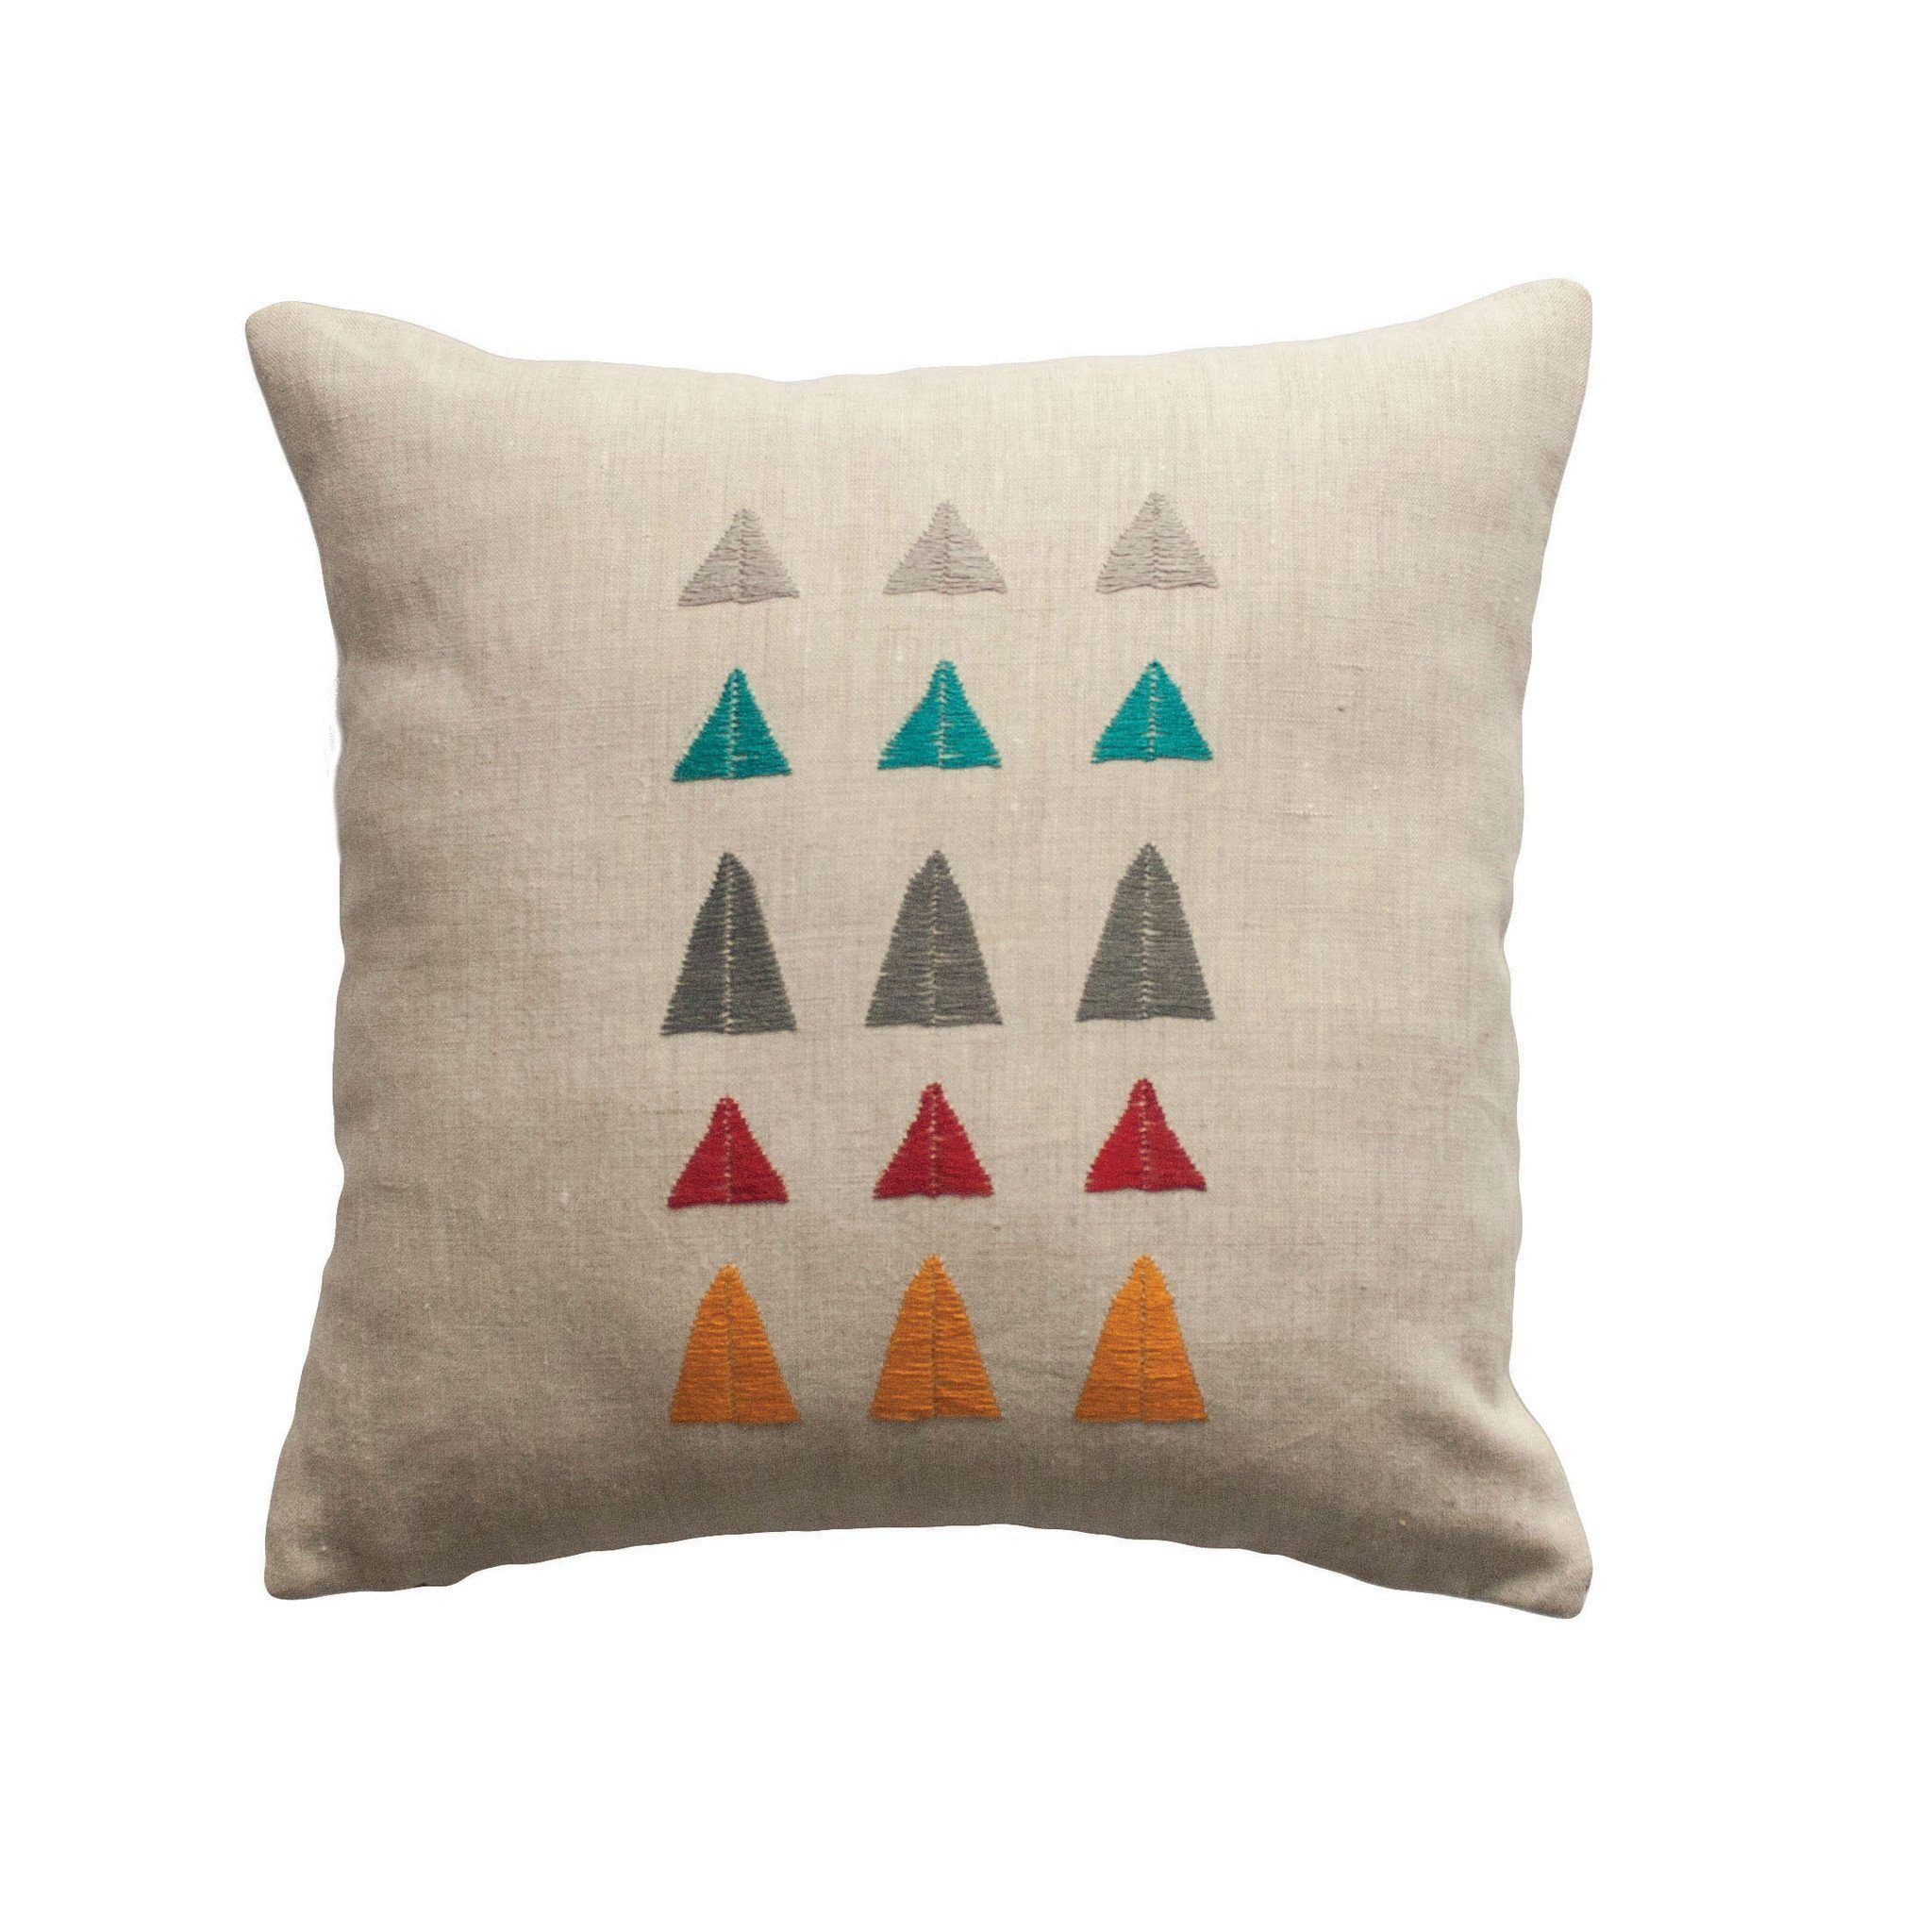 Arizona Throw Pillow Cover - Mountain